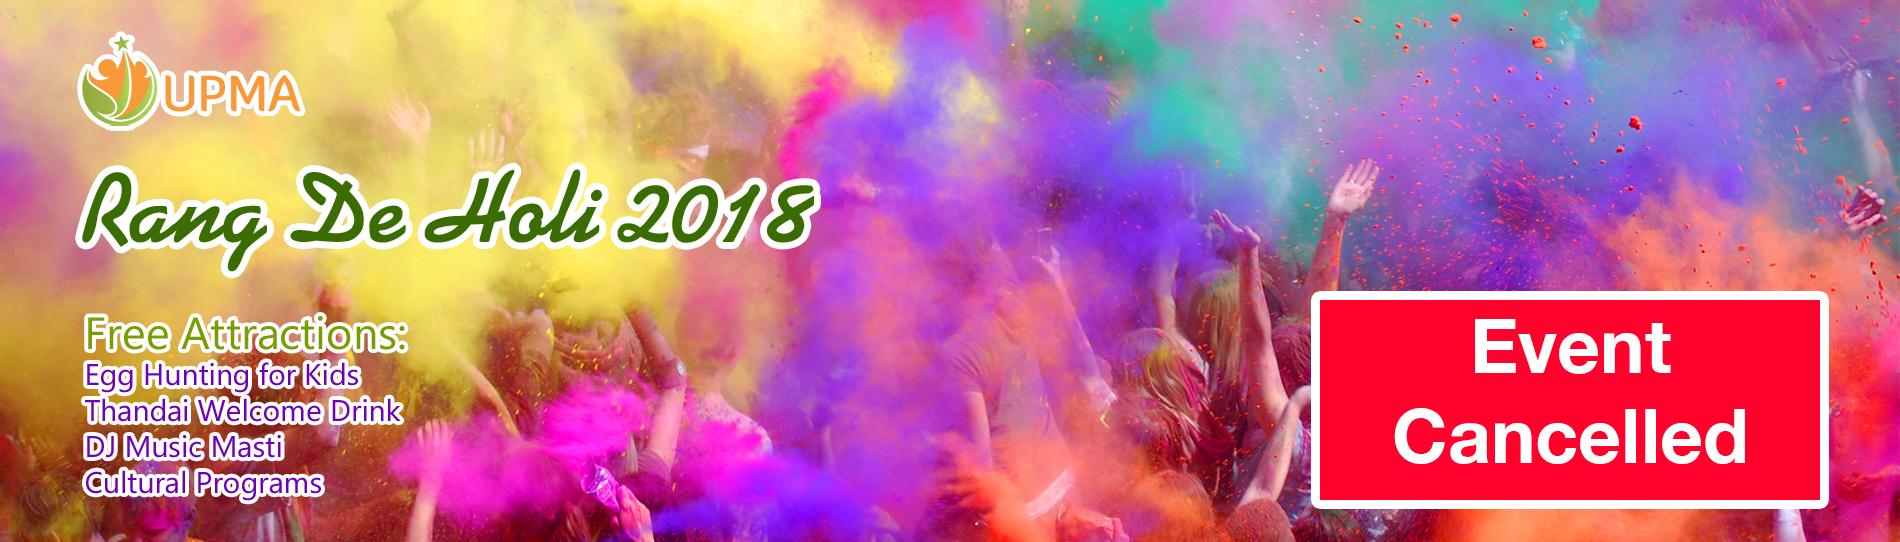 EventMozo UPMA Rang De holi 2018